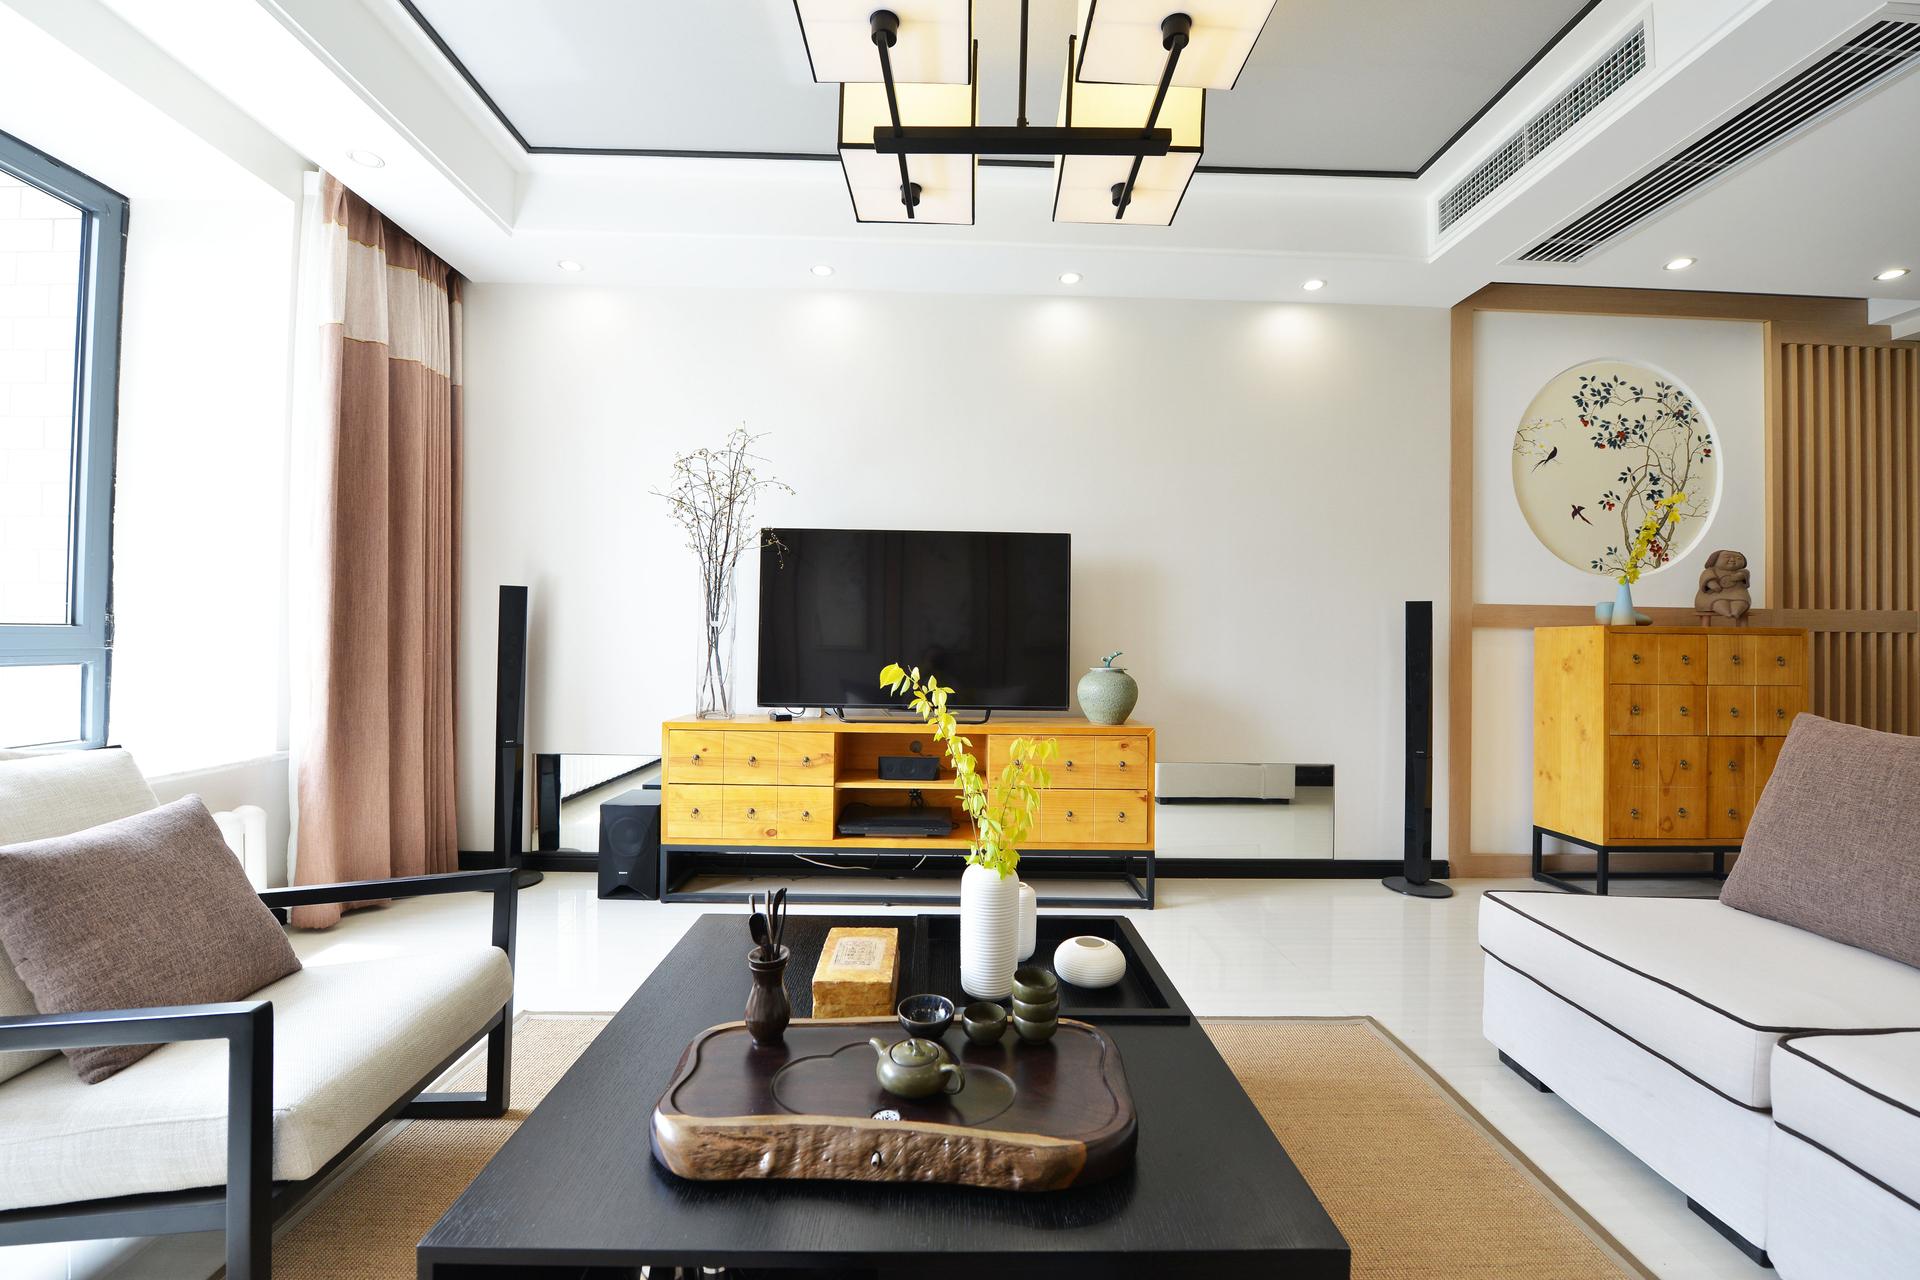 120平米新中式电视背景墙装修效果图